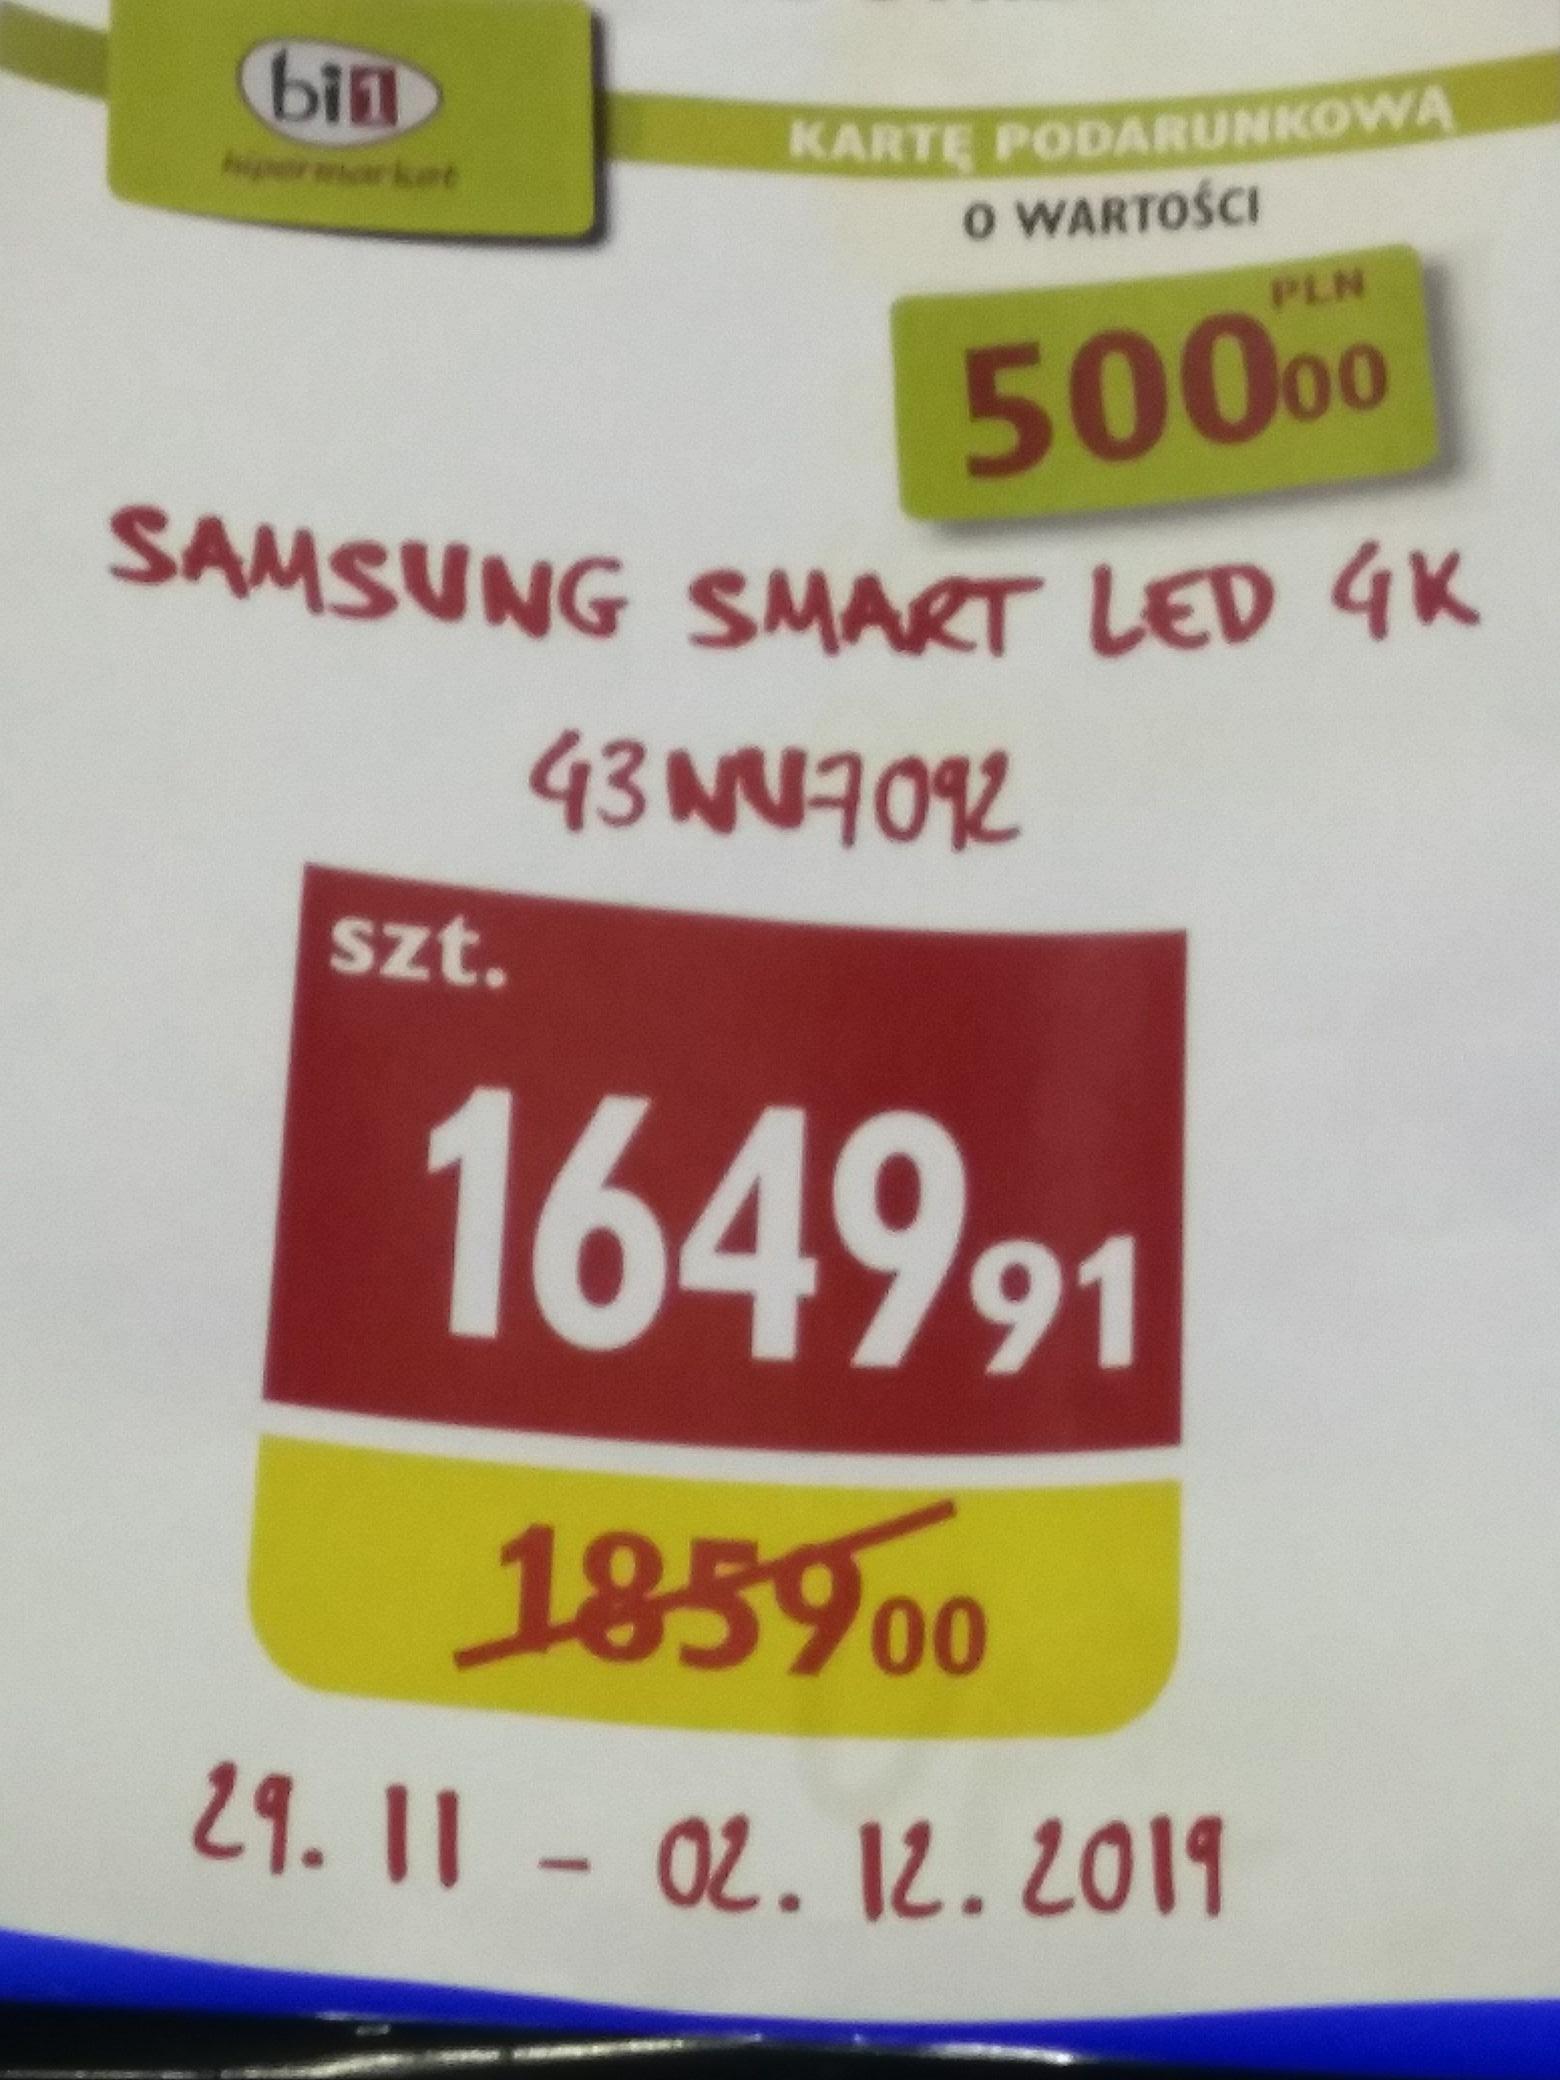 Telewizor 43 cale smart samsung 4k 43NU7092U (+500zł na karcie podarunkowej) Hipermarket bi1 BIAŁYSTOK